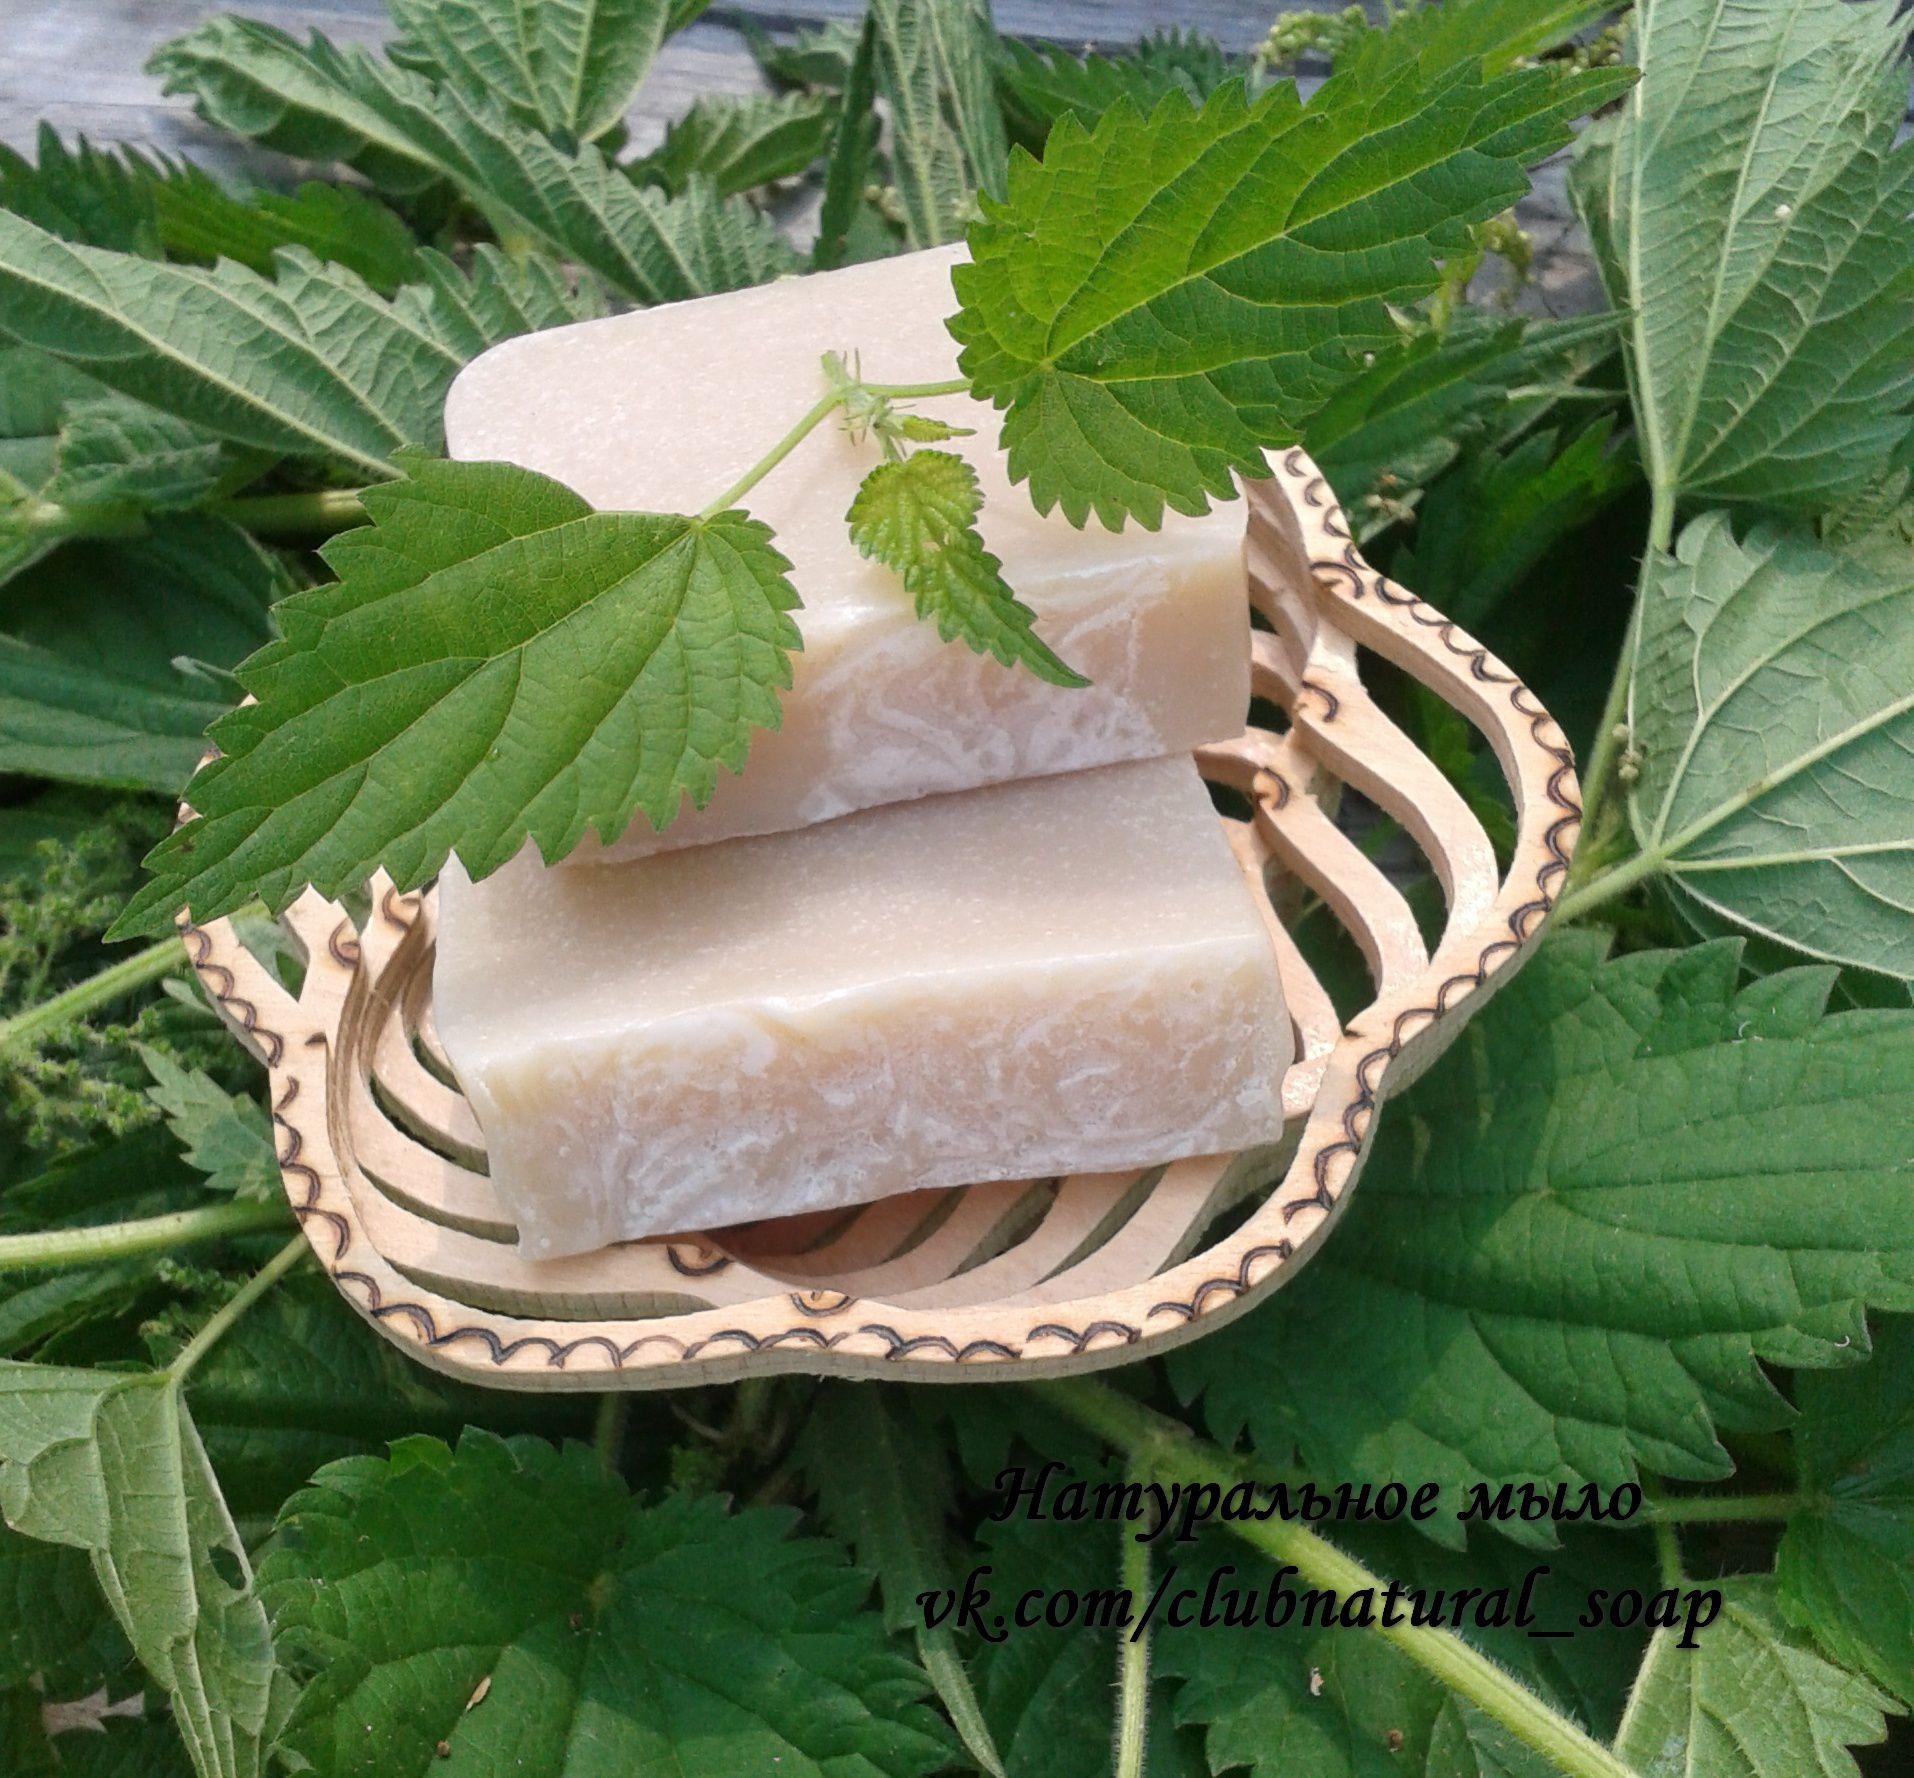 мылополезное работымыломыло мылокупить мыло мылонастоящее с мылоручной нулянатуральное